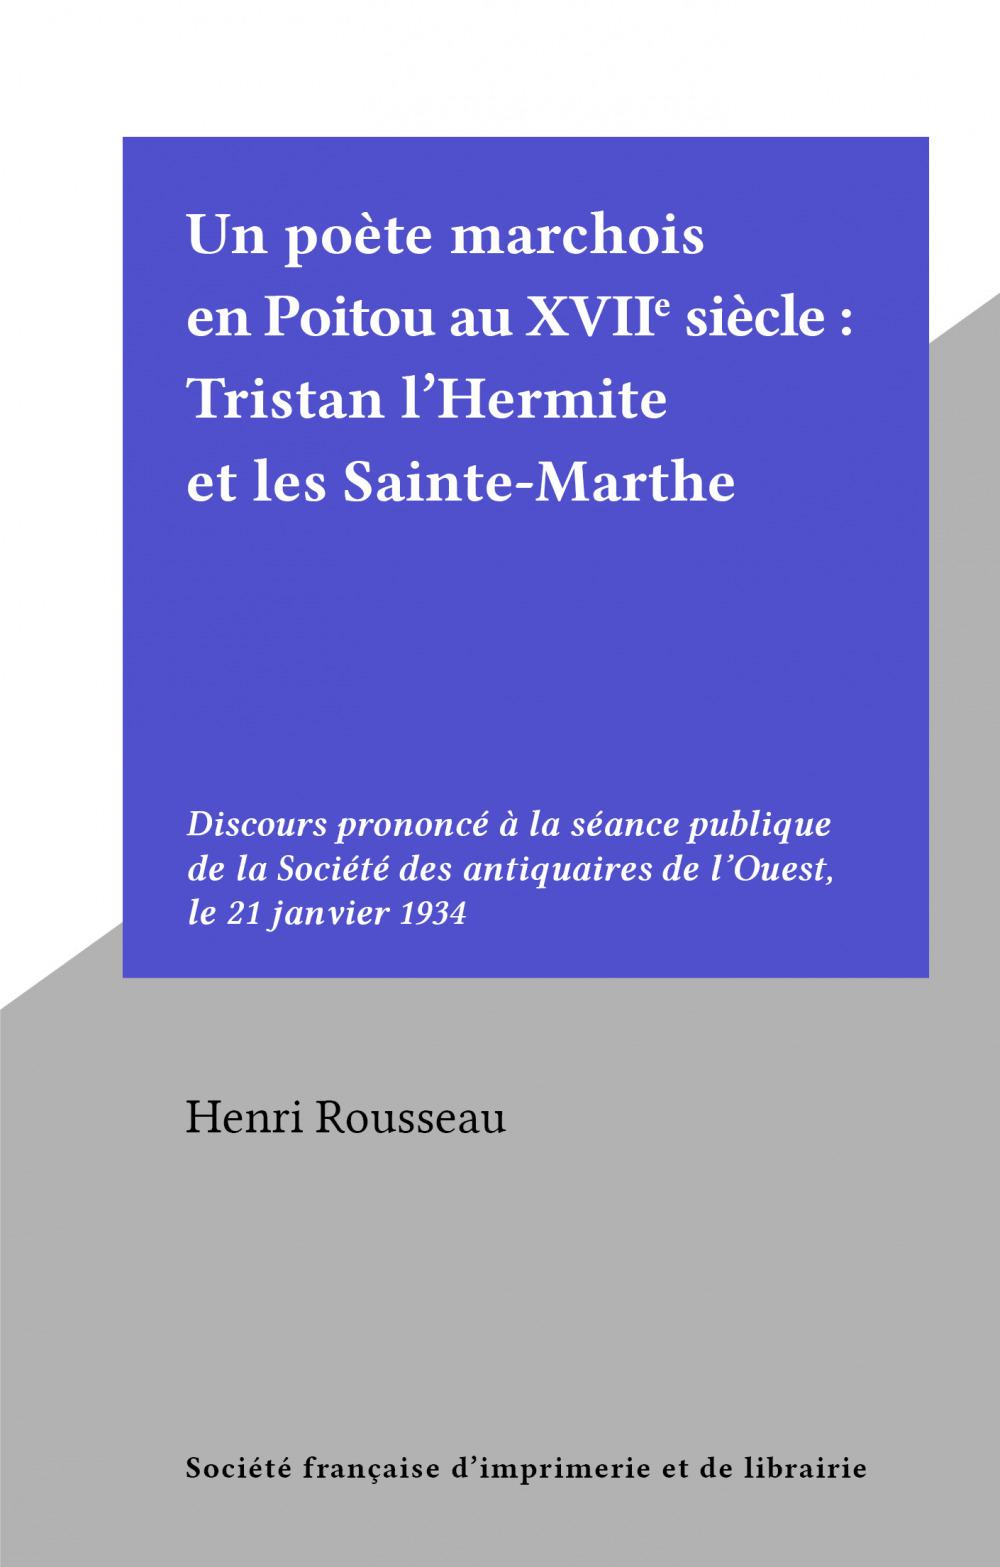 Un poète marchois en Poitou au XVIIe siècle : Tristan l'Hermite et les Sainte-Marthe  - Henri Rousseau